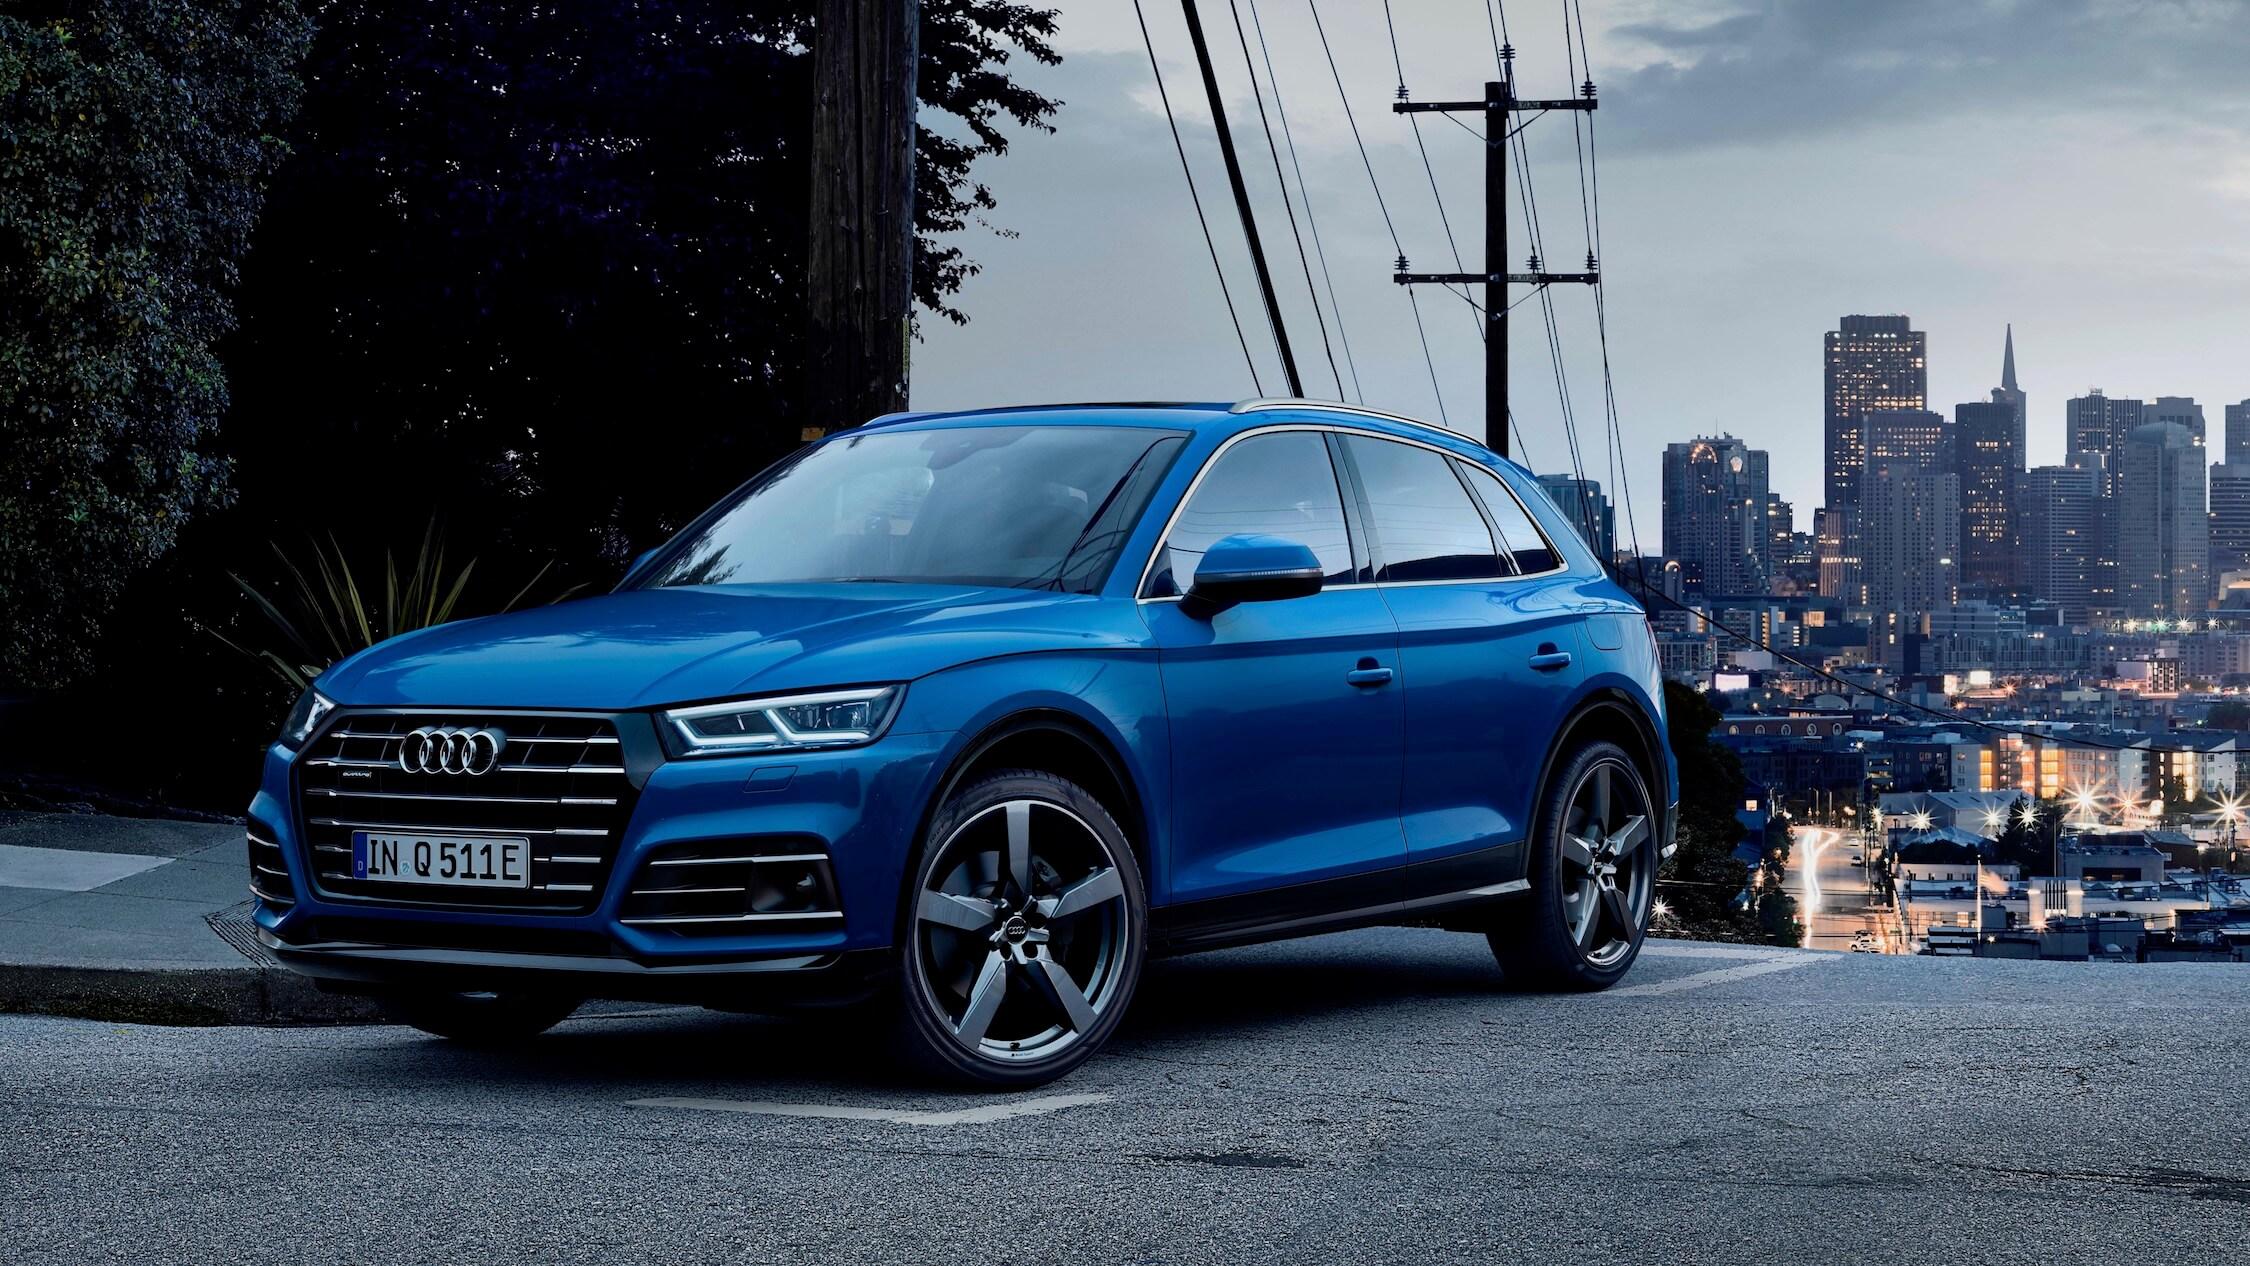 Hybride Audi Q5 2019